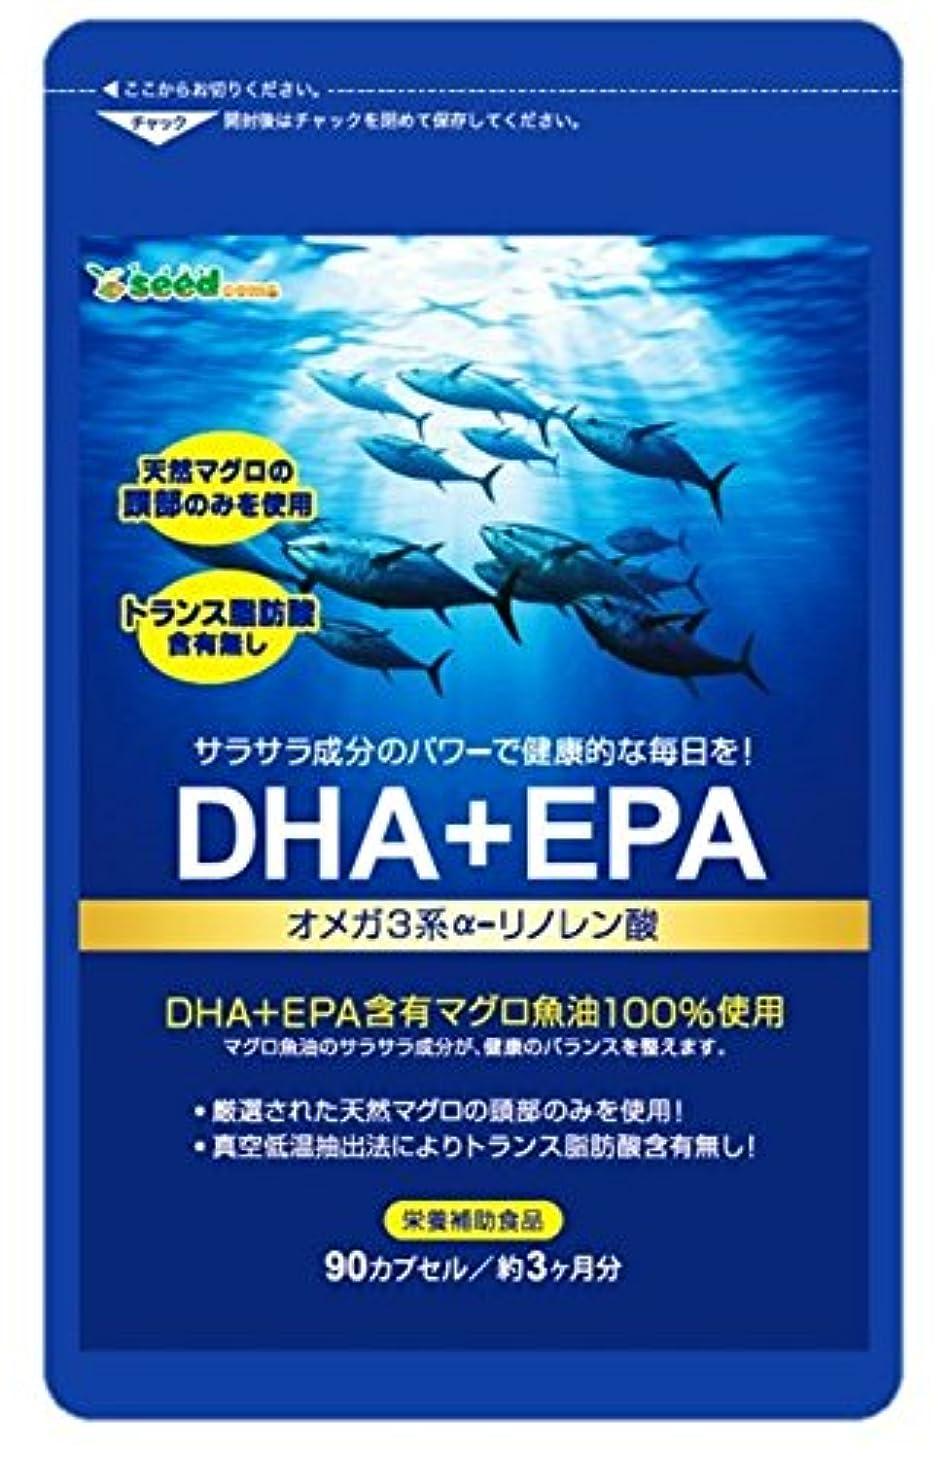 消化器僕のスラム街【 seedcoms シードコムス 公式 】DHA + EPA 約3ヶ月分/90粒 (オメガ系 α-リノレン酸) ビンチョウマグロの頭部のみを贅沢に使用!トランス脂肪酸 0mg